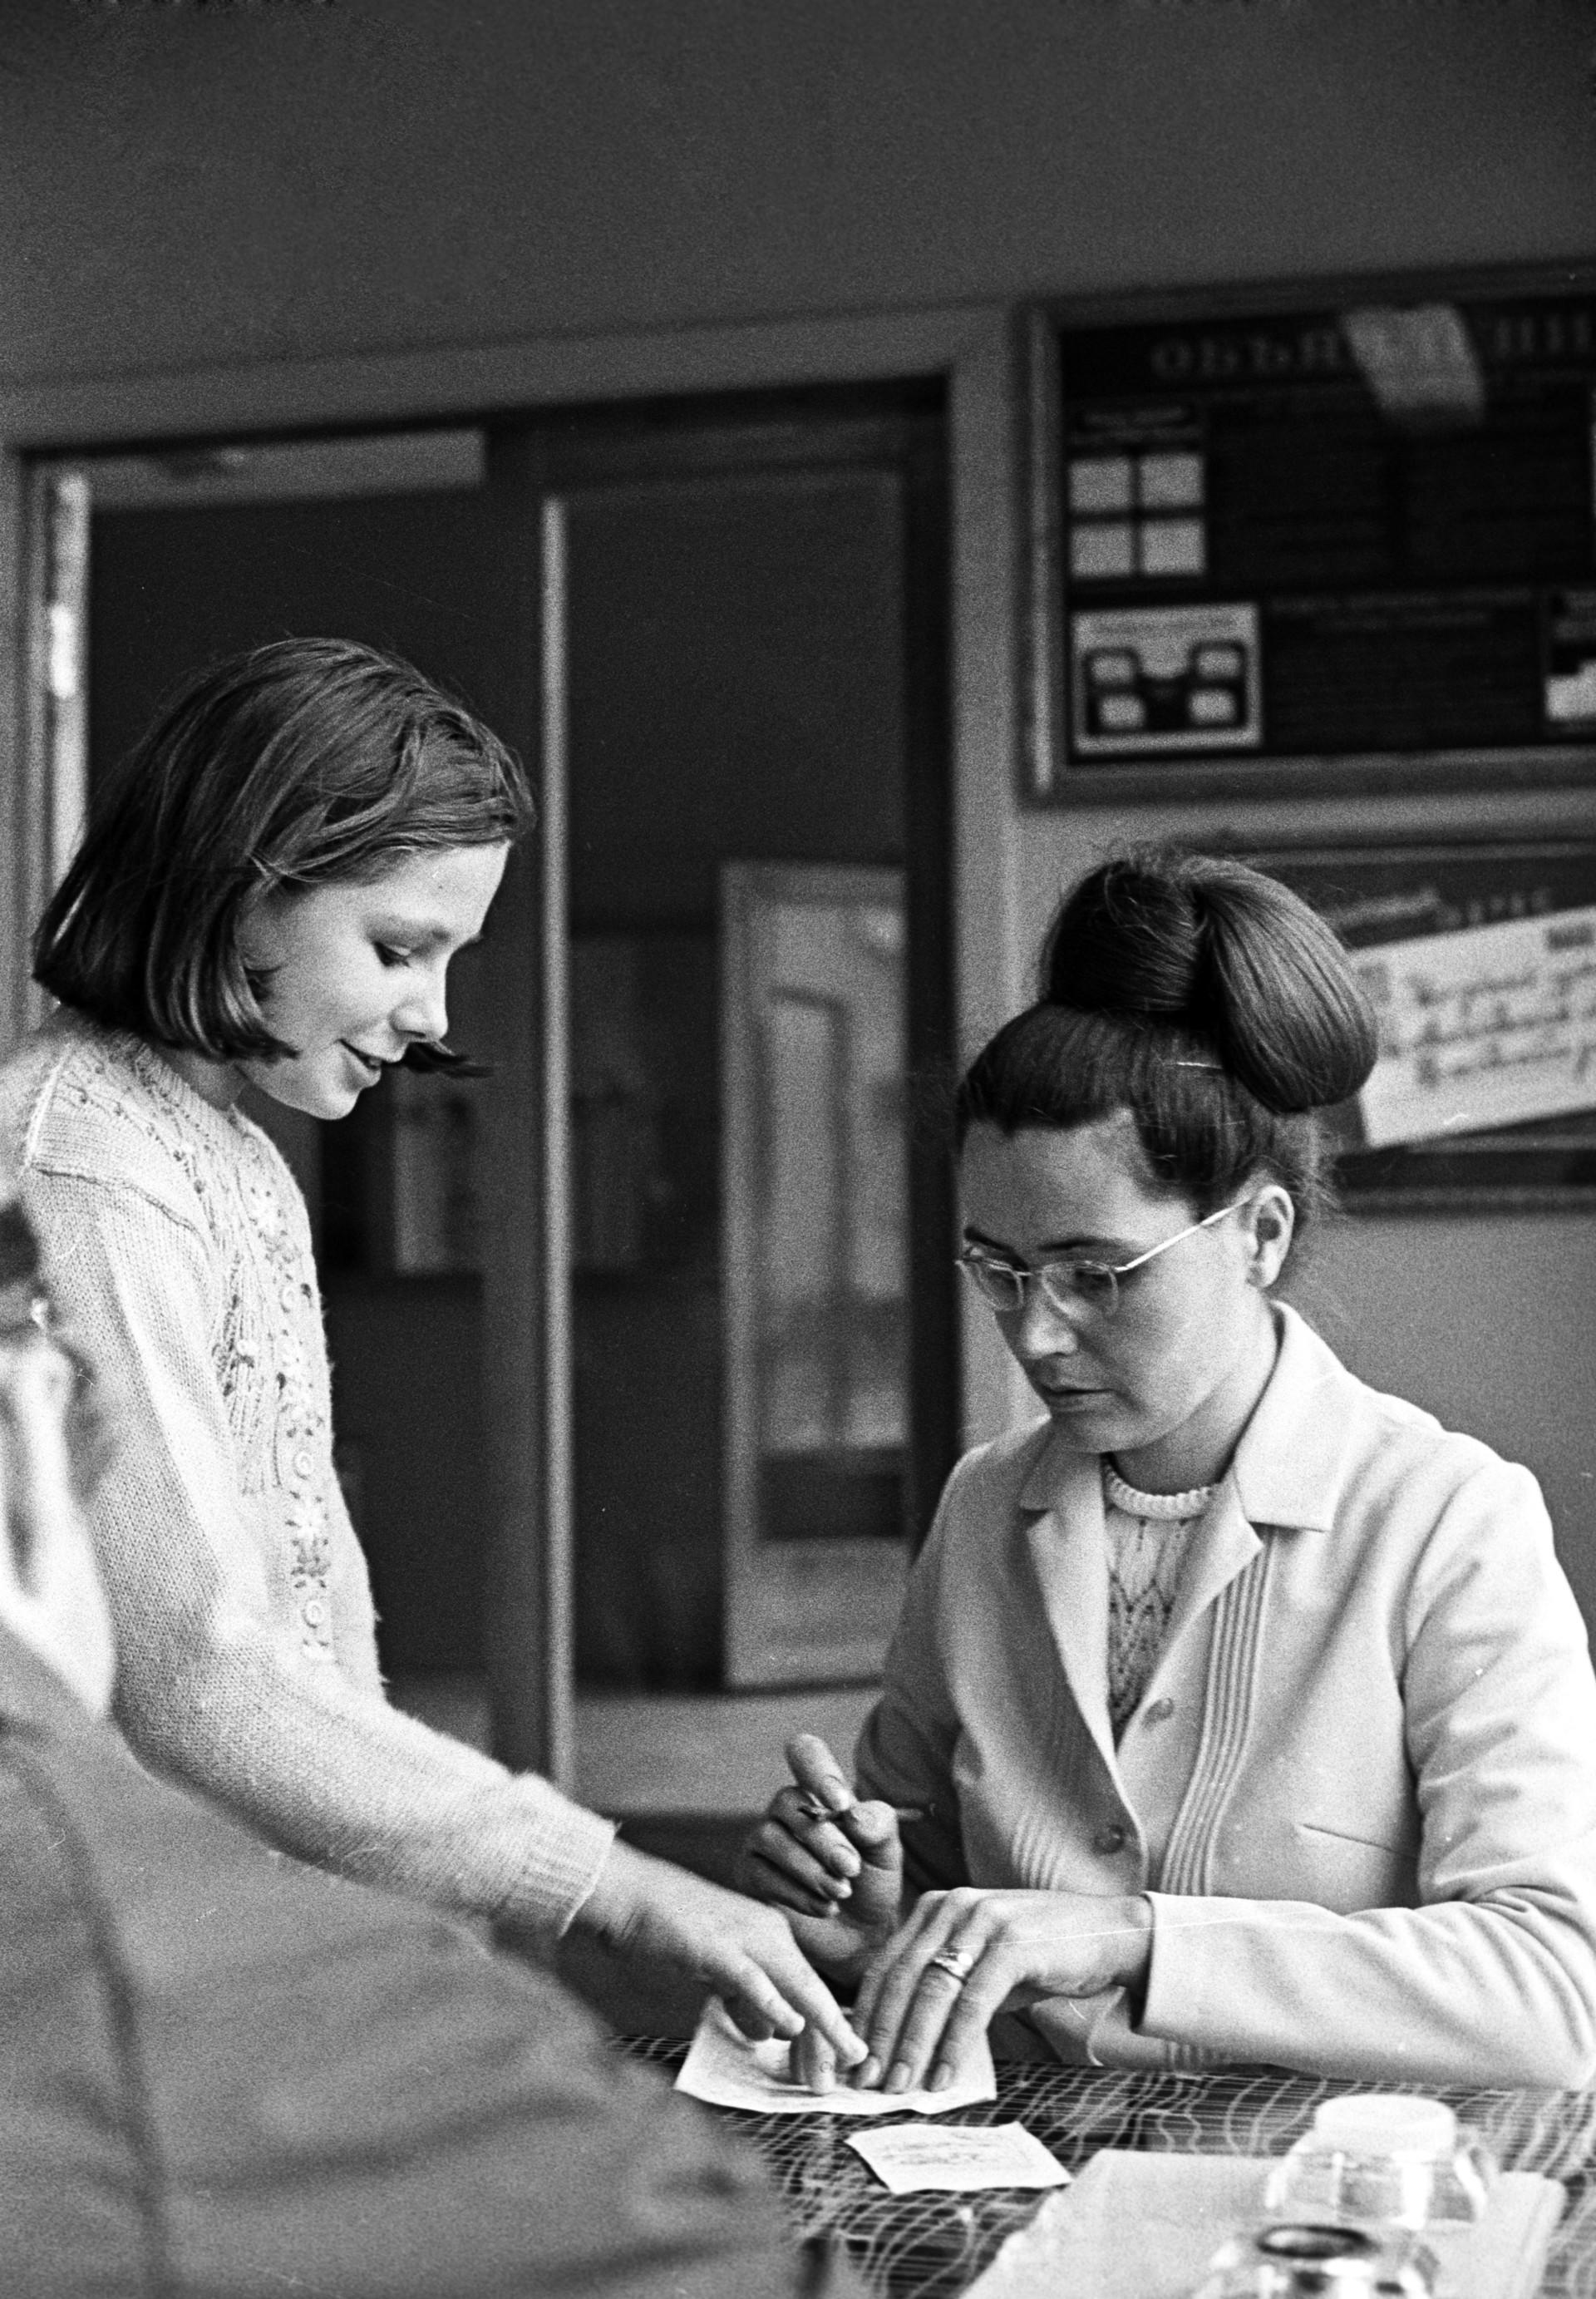 ワレンチナと娘エレーナ、1969年1月1日